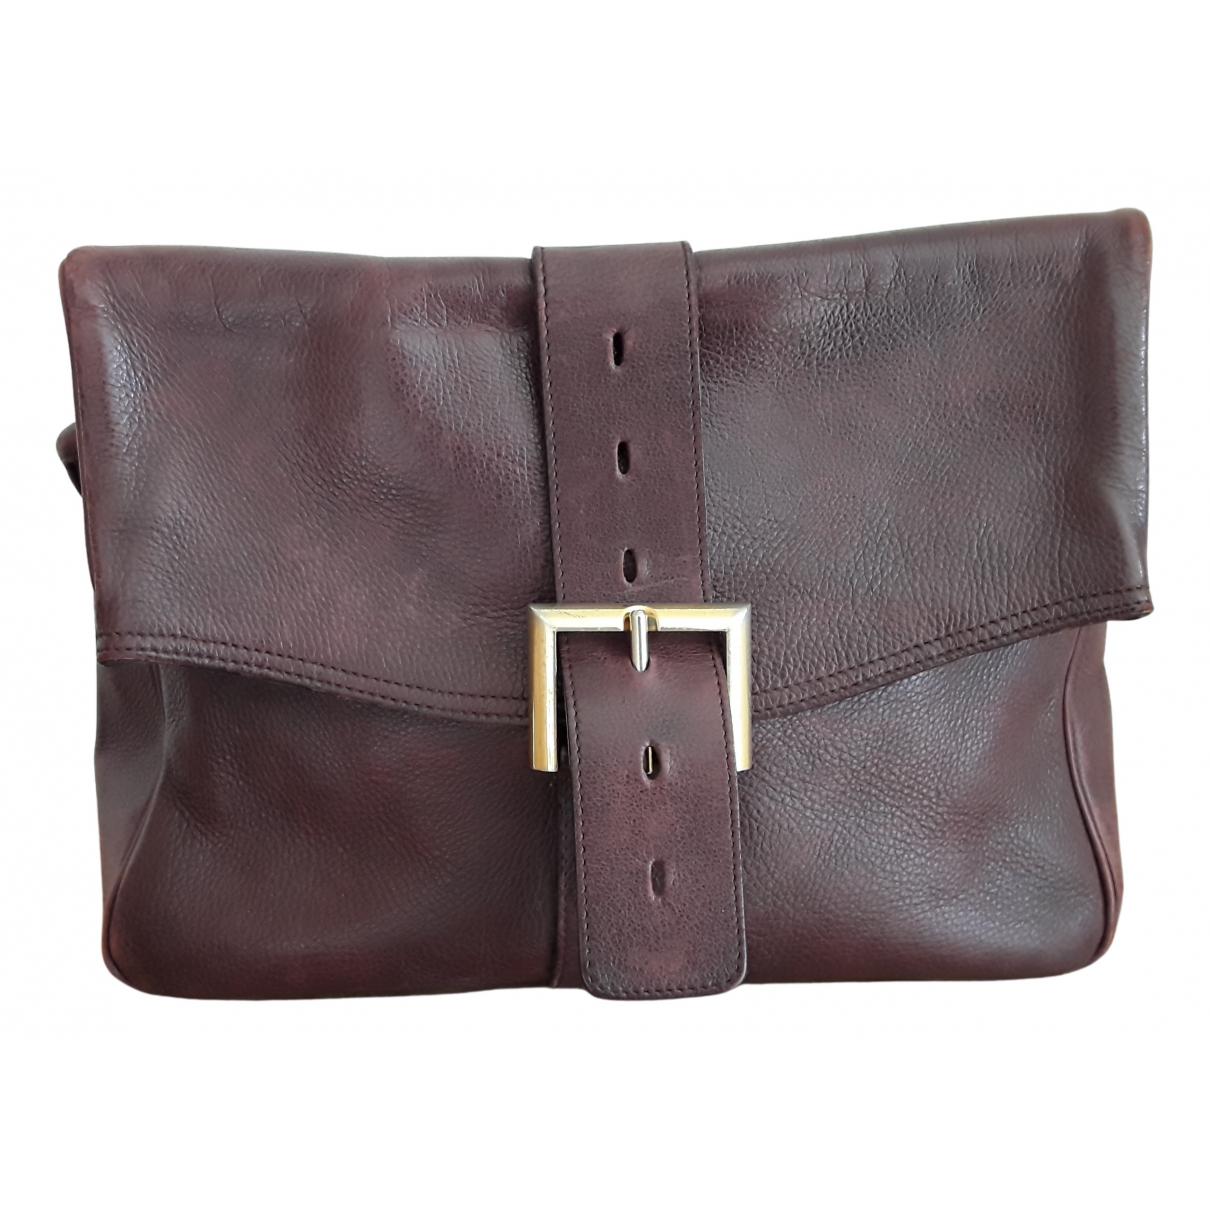 Delvaux Le Brillant Handtasche in  Bordeauxrot Leder